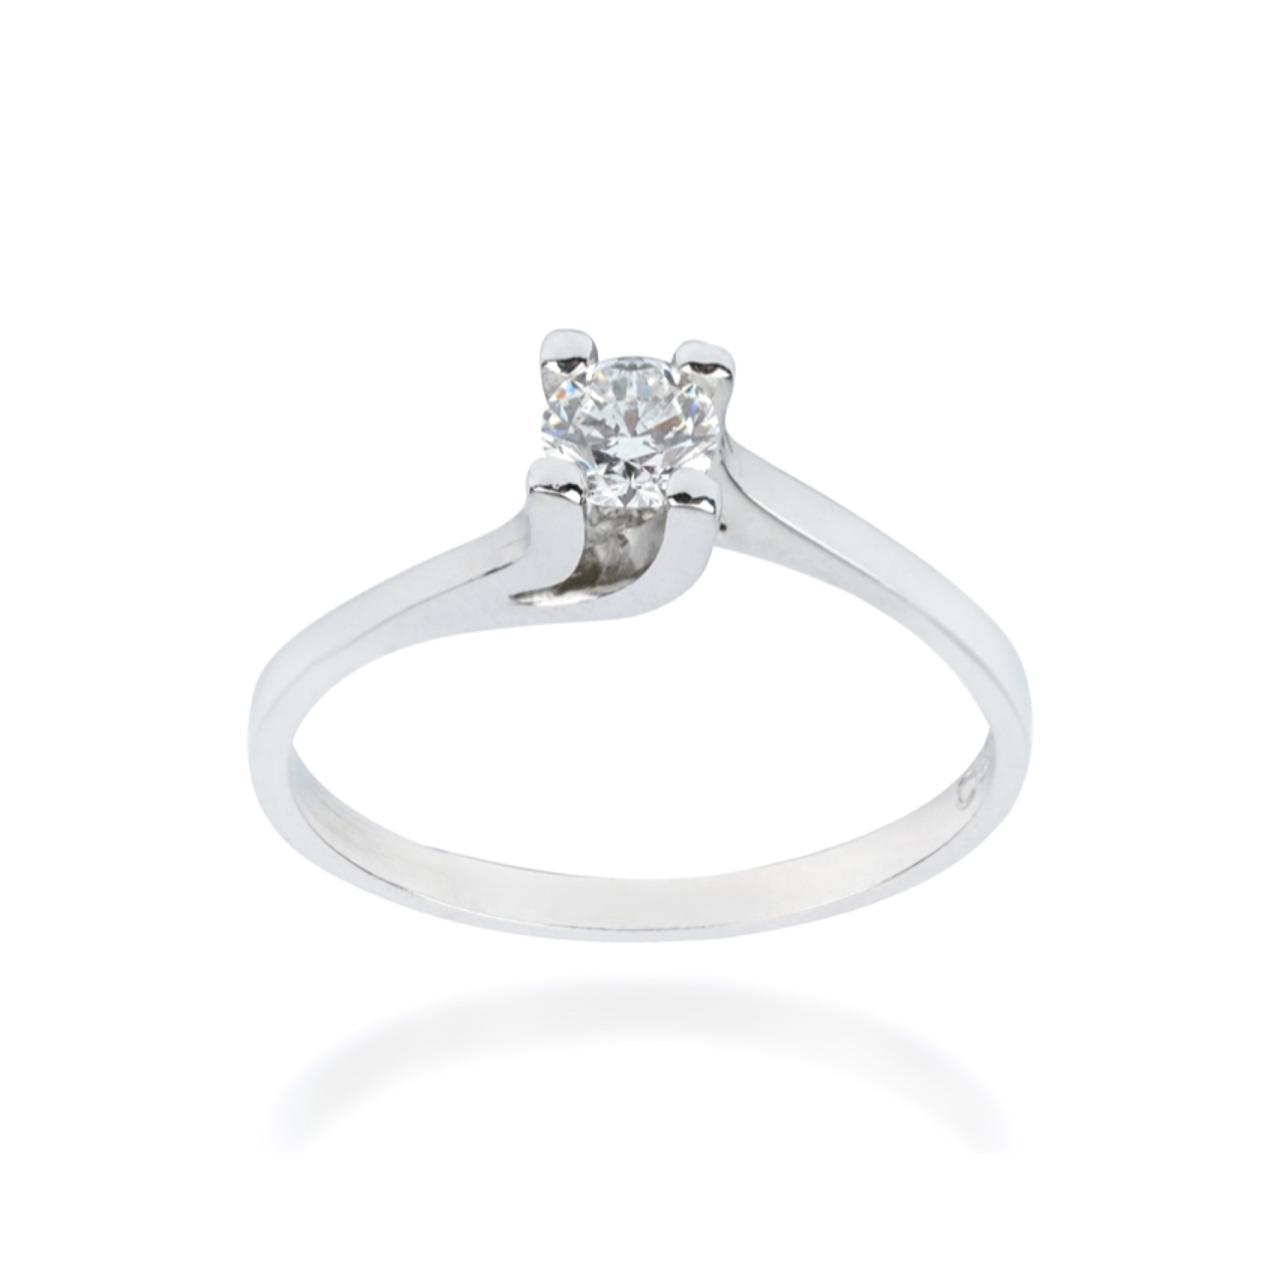 Anel Solitário Twist em Ouro branco 18k com Diamante de 25 pontos